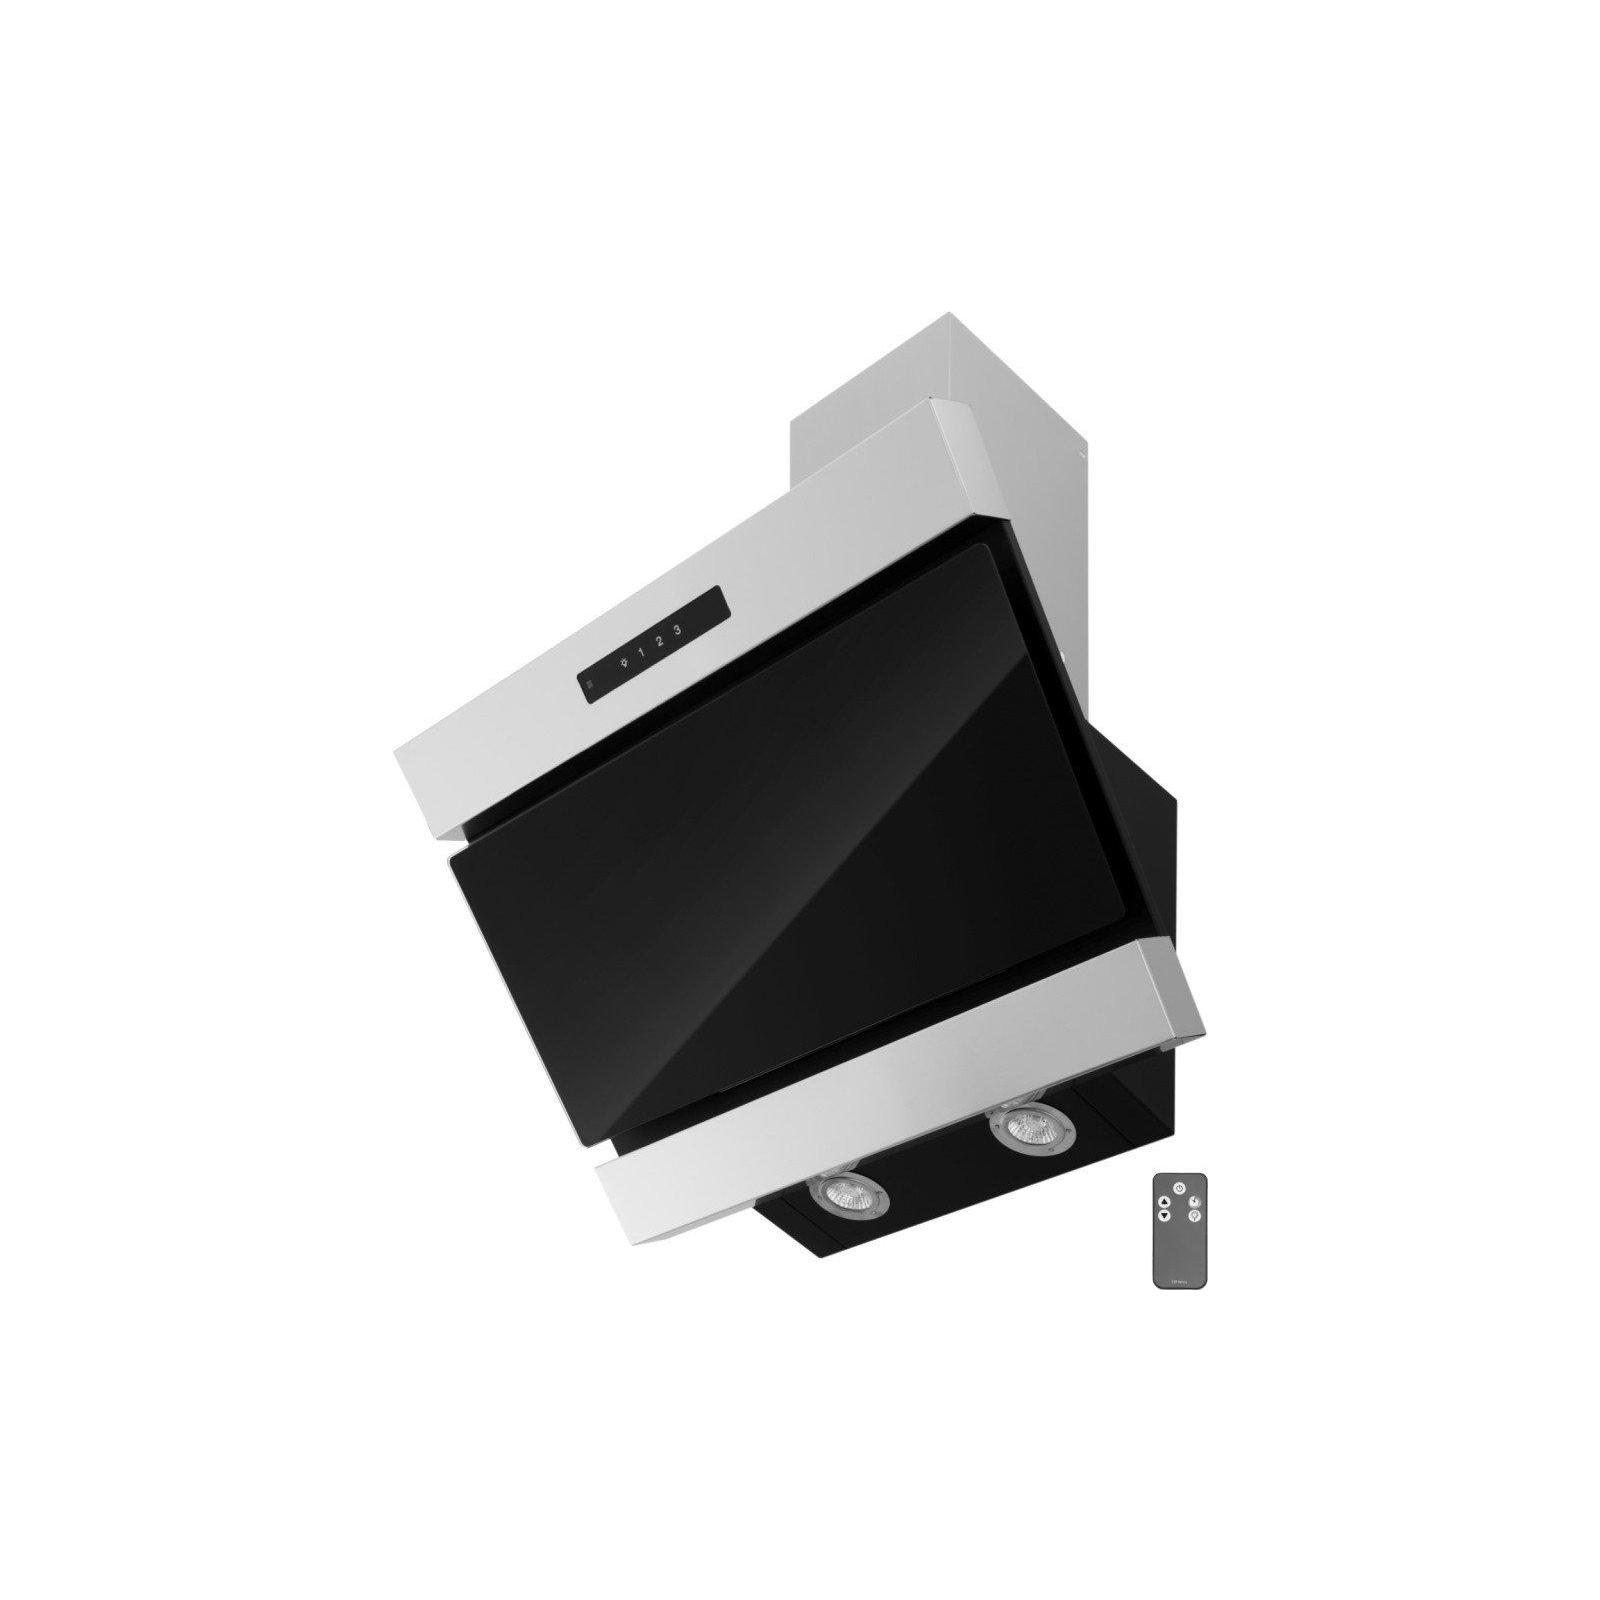 Вытяжка кухонная ZIRTAL FORTE 60 BL изображение 2